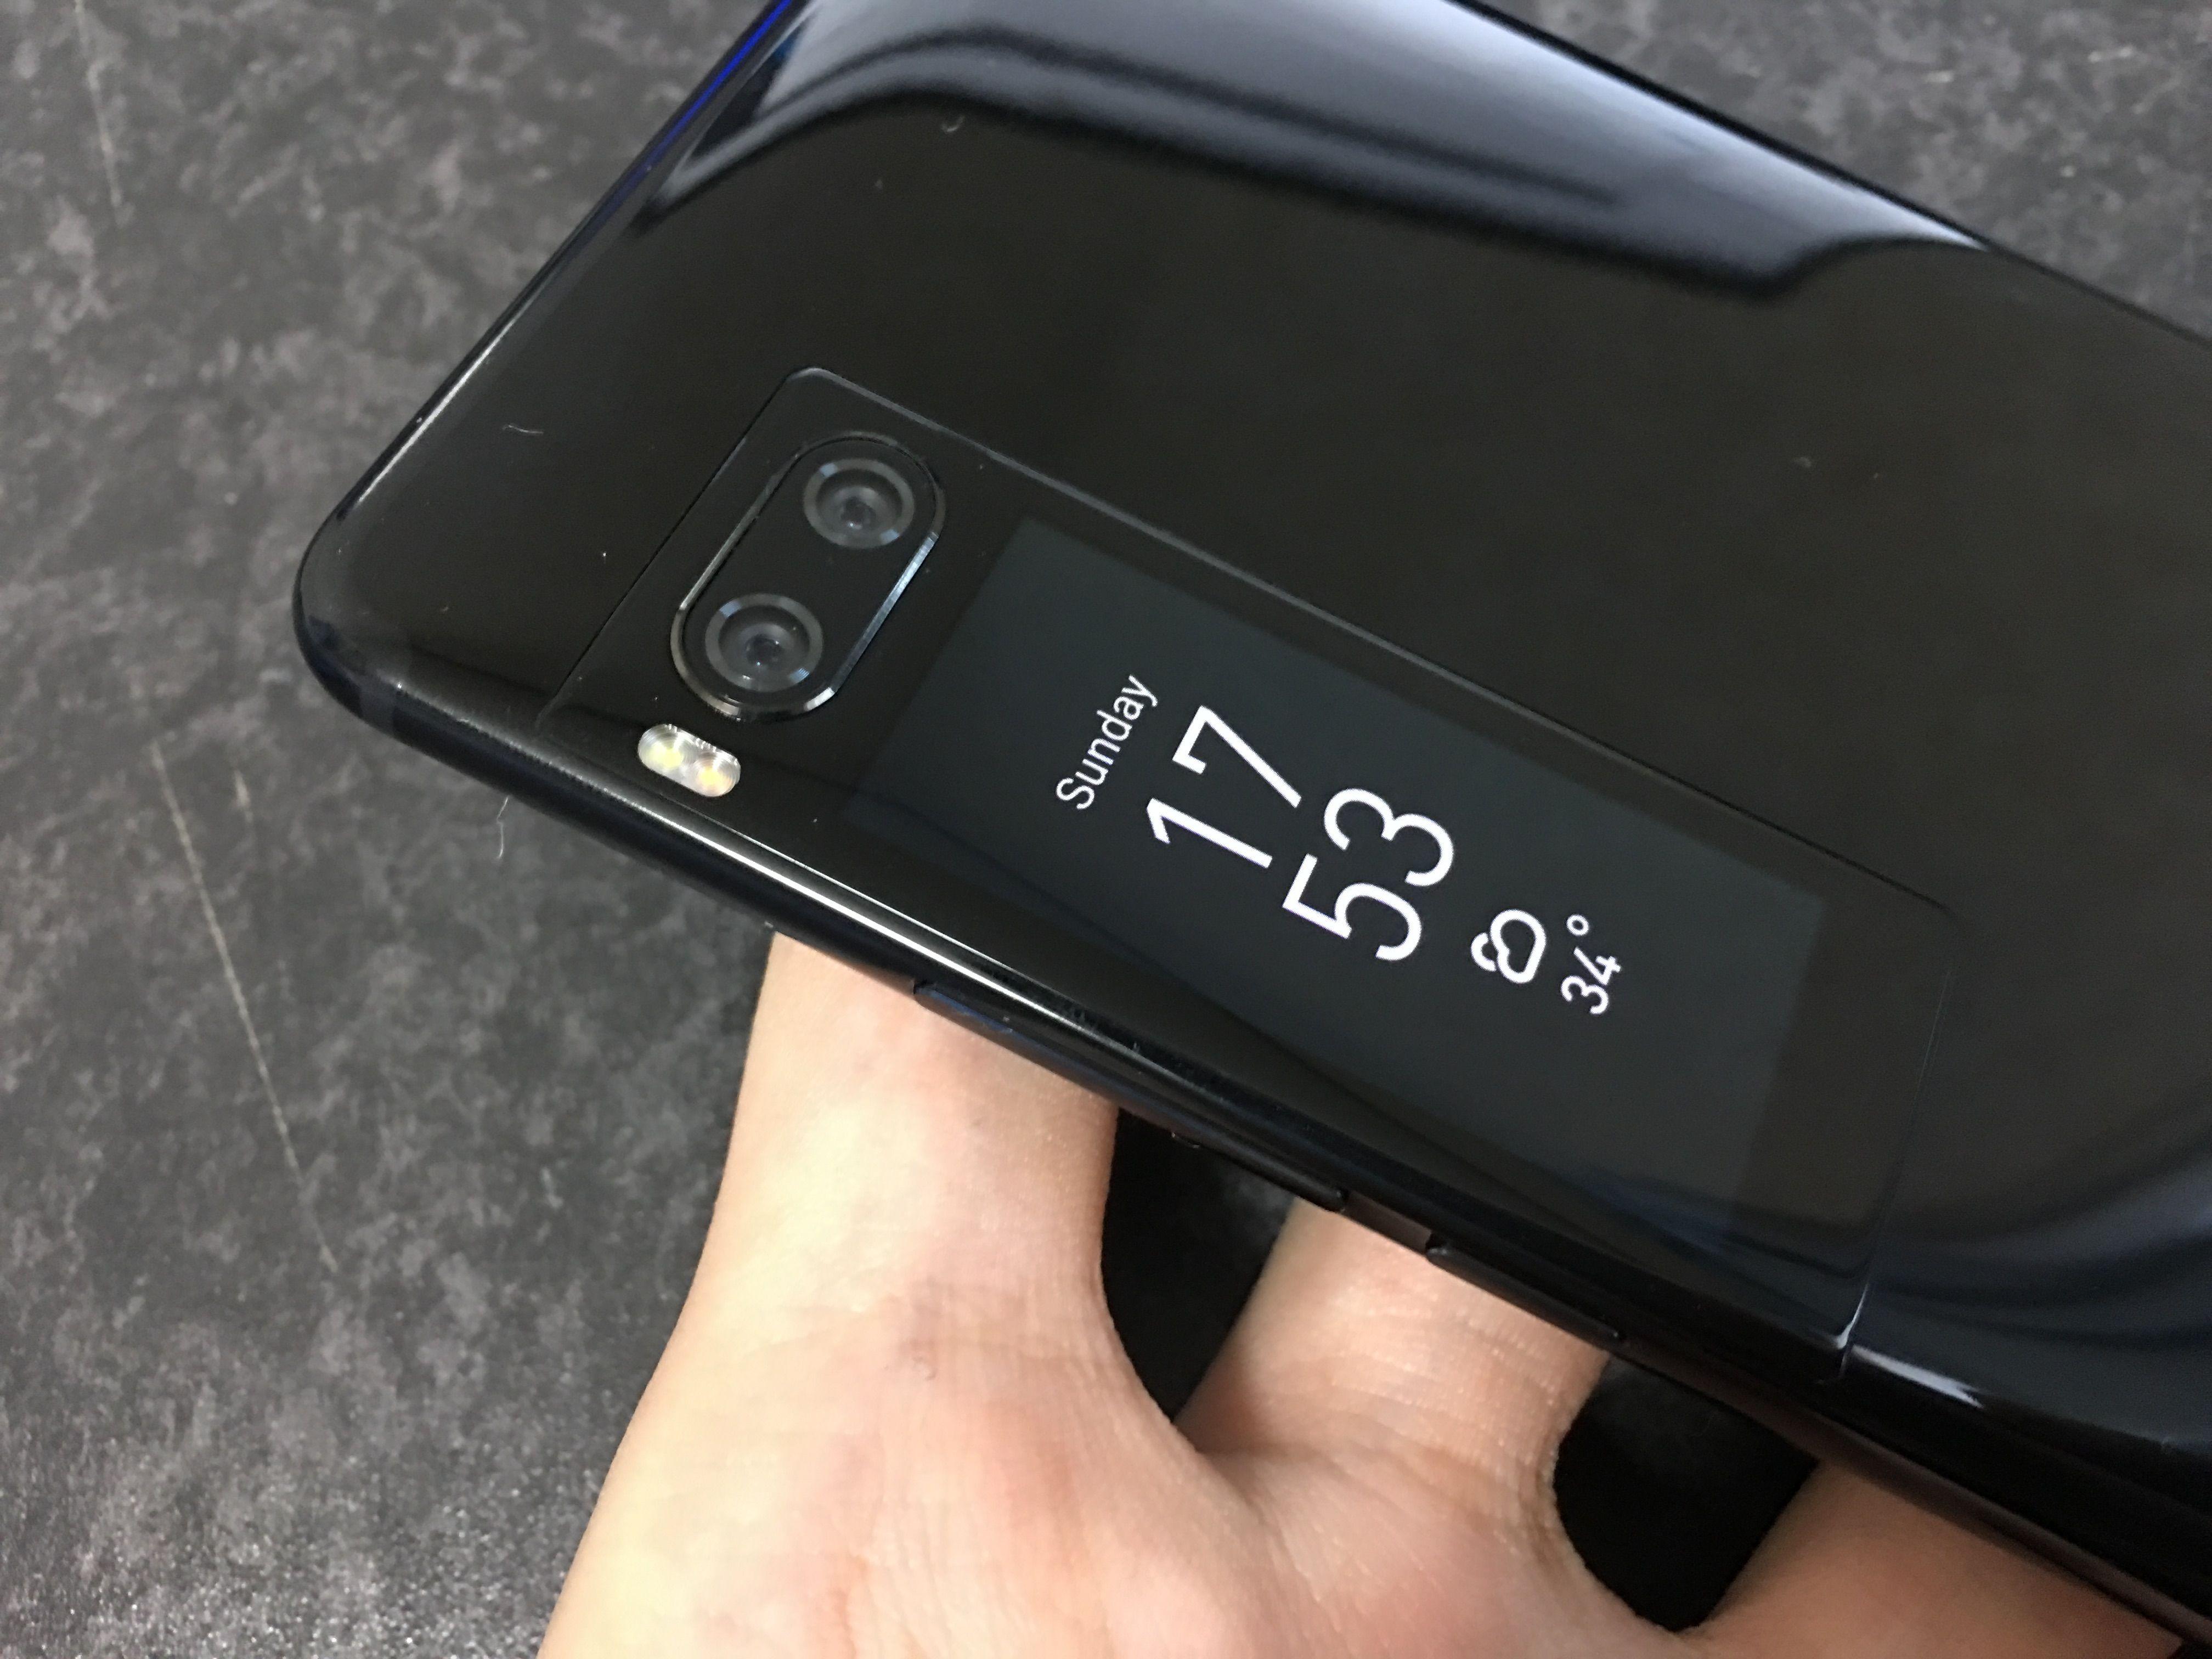 グローバル版のMeizu PRO 7はMediaTek Helio P25モデルのみ。Helio X30モデルが欲しい場合は中国版を購入すること